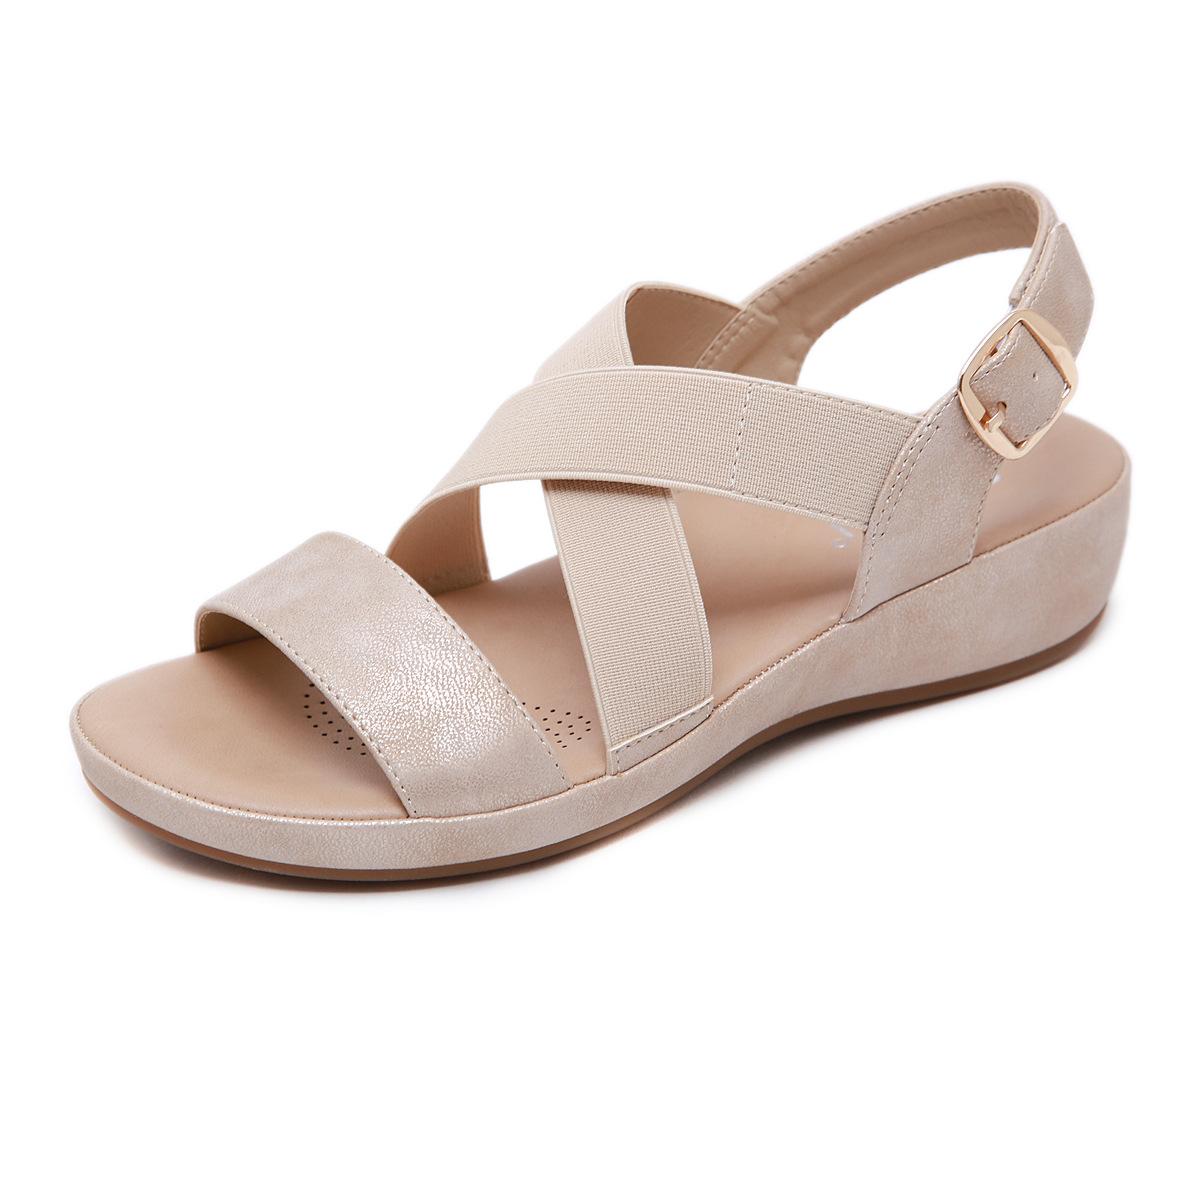 粉红色鱼嘴鞋 2020新款夏季韩版金粉红色露趾搭扣低帮牛筋底沙滩中跟坡跟女凉鞋_推荐淘宝好看的粉红色鱼嘴鞋